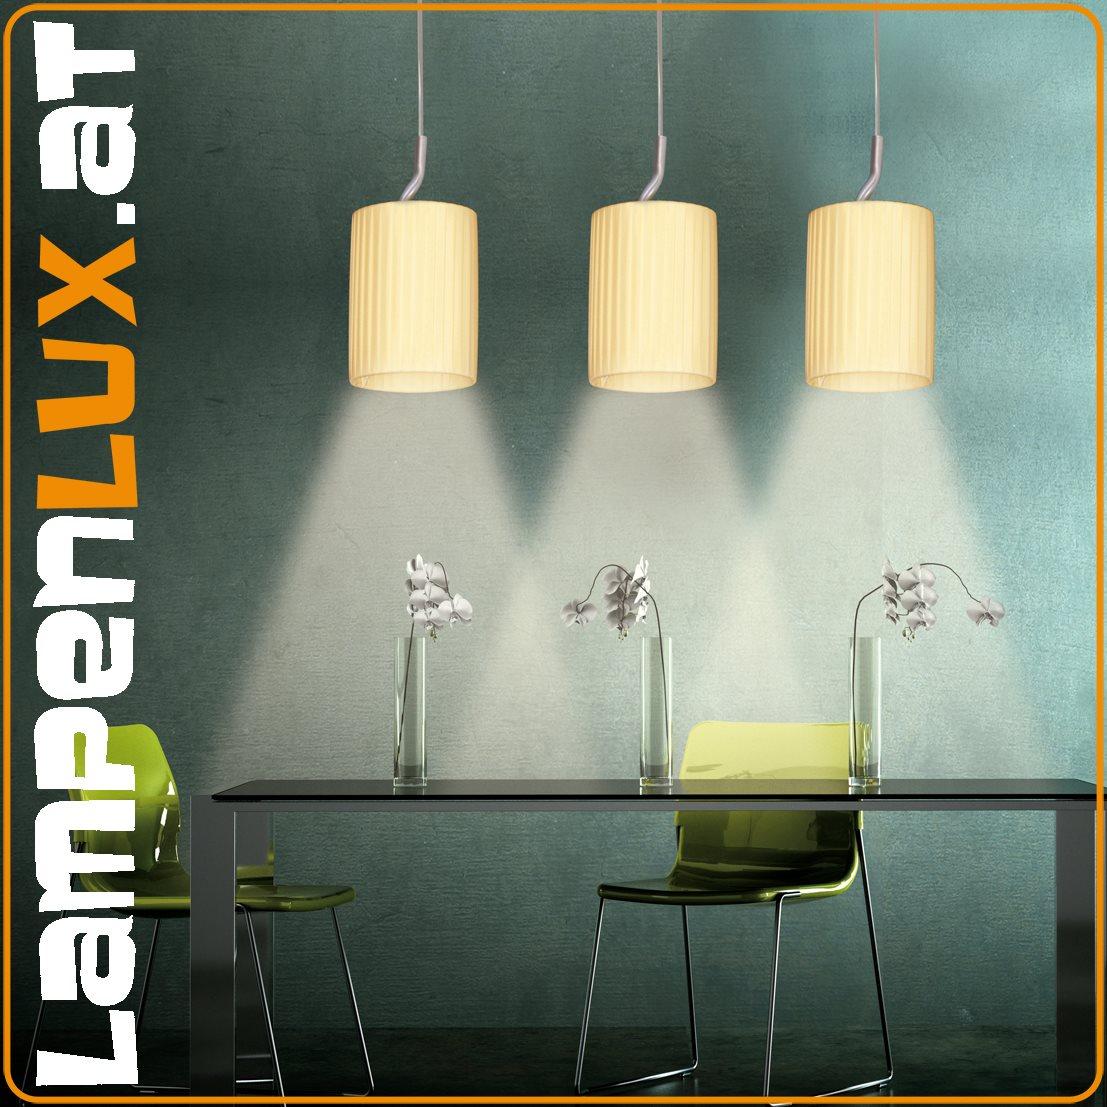 Lampe wohnzimmer hängelampe – dumss.com